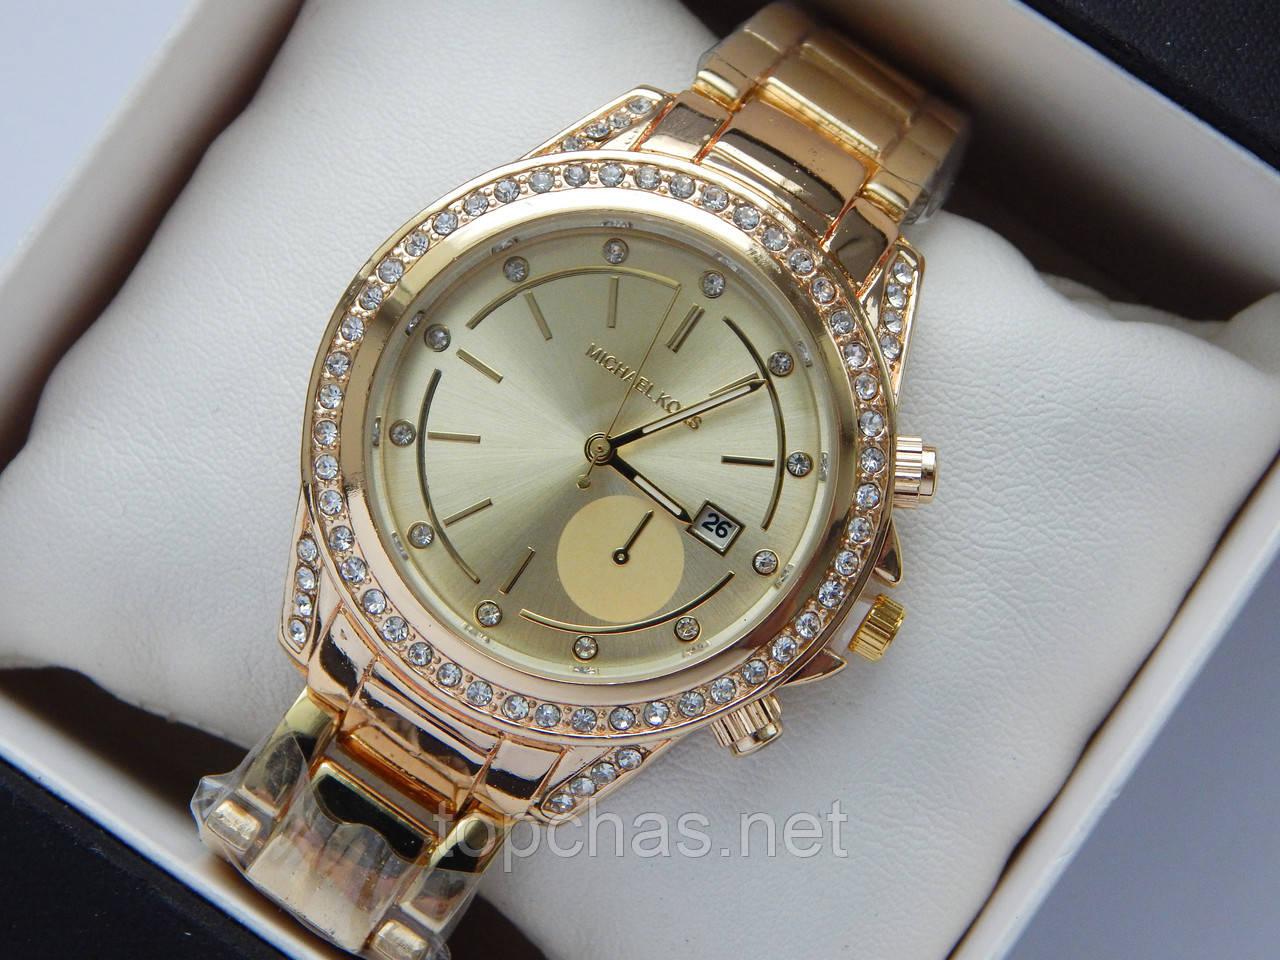 Магазин золотой наручные часы купить часы swatch киеве